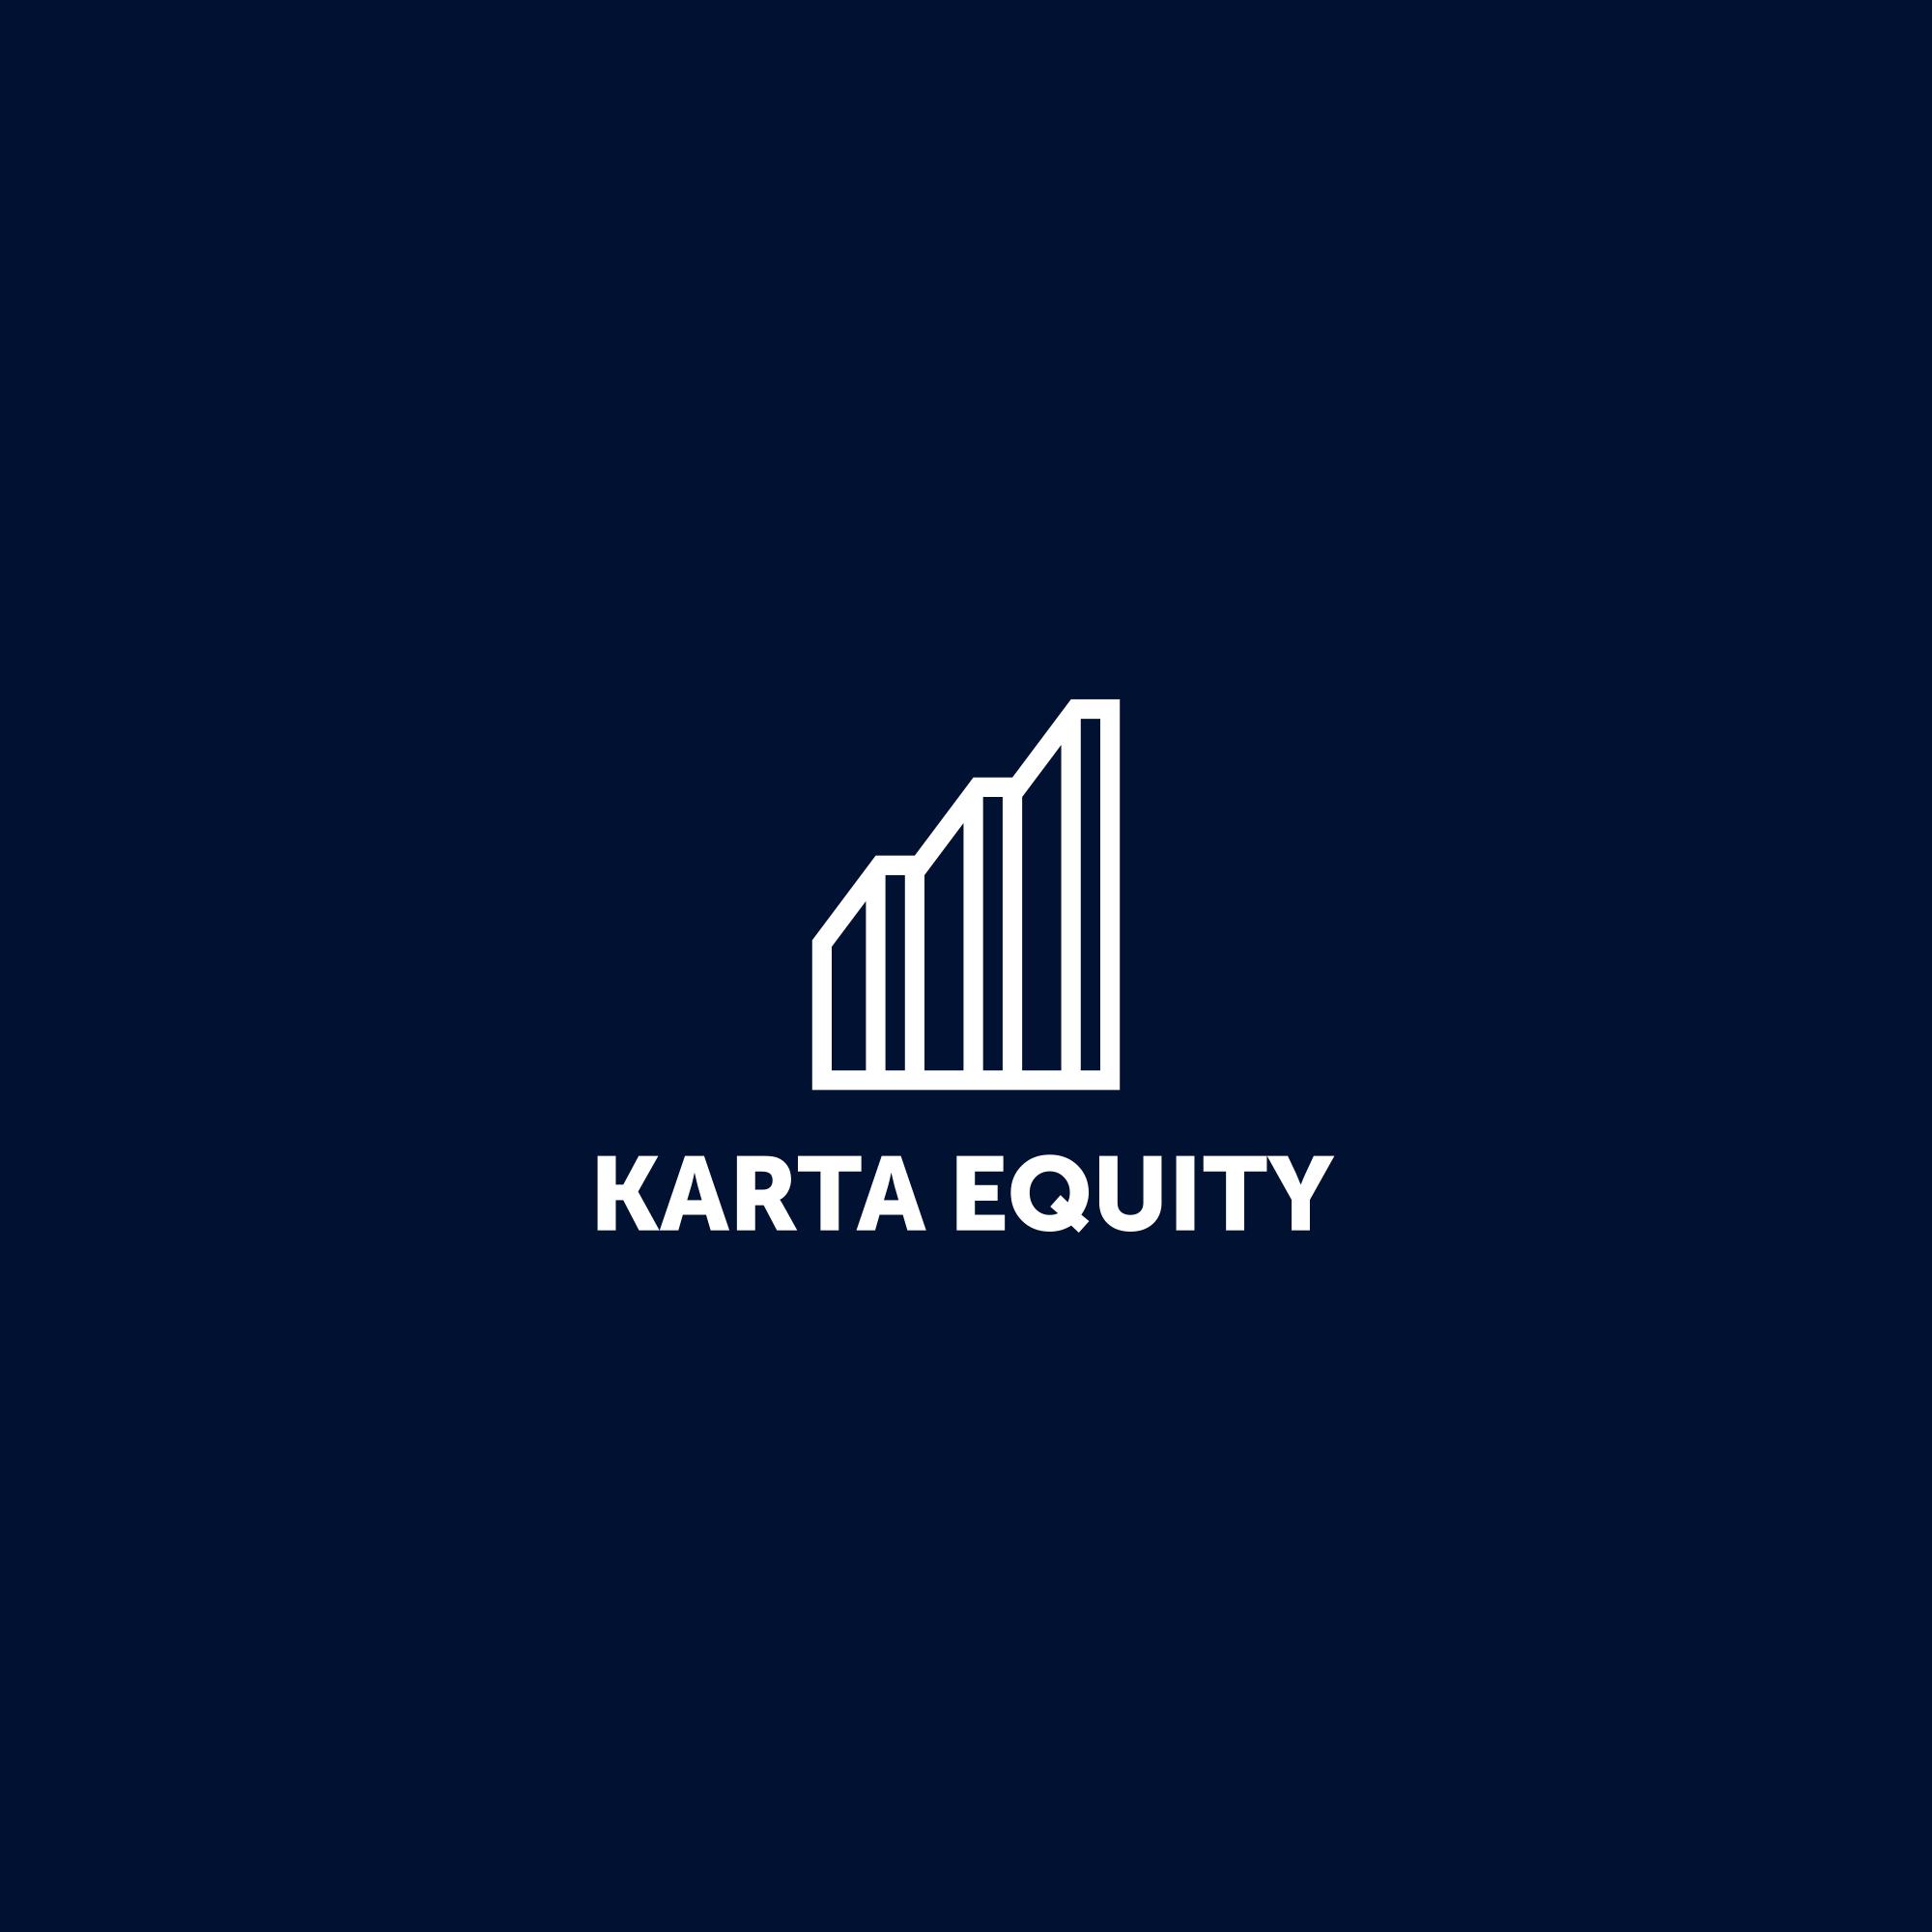 Логотип для компании инвестироваюшей в жилую недвижимость фото f_6565e1238b73f438.png